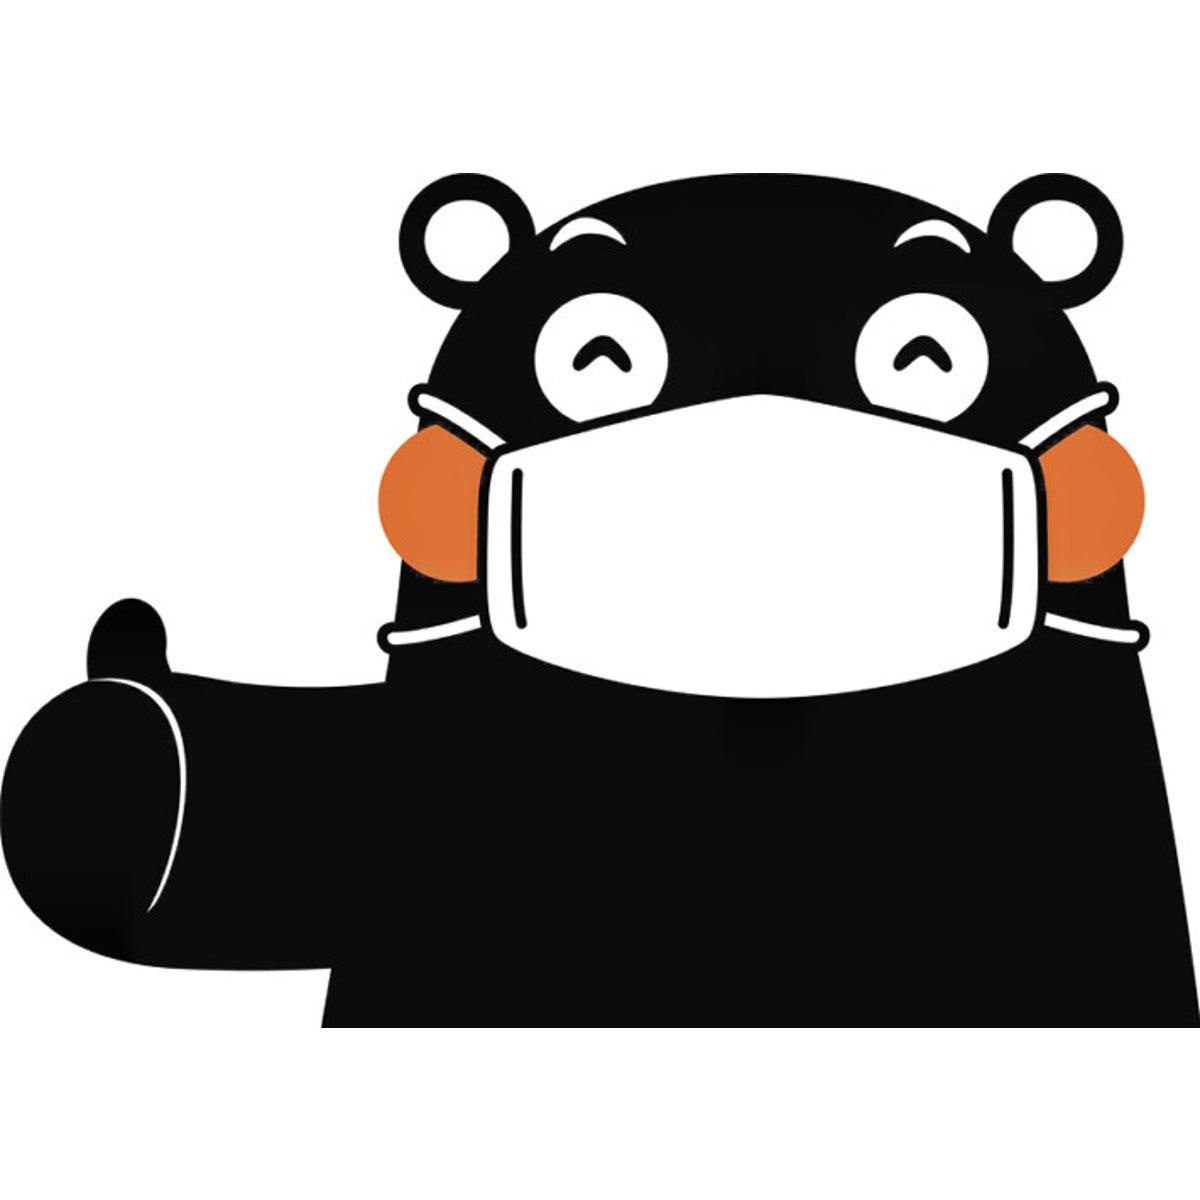 コロナ モン スポット 【モンスト】モンスポット復活!!アプデが待ち遠しすぎる件!【Ver.18.2】